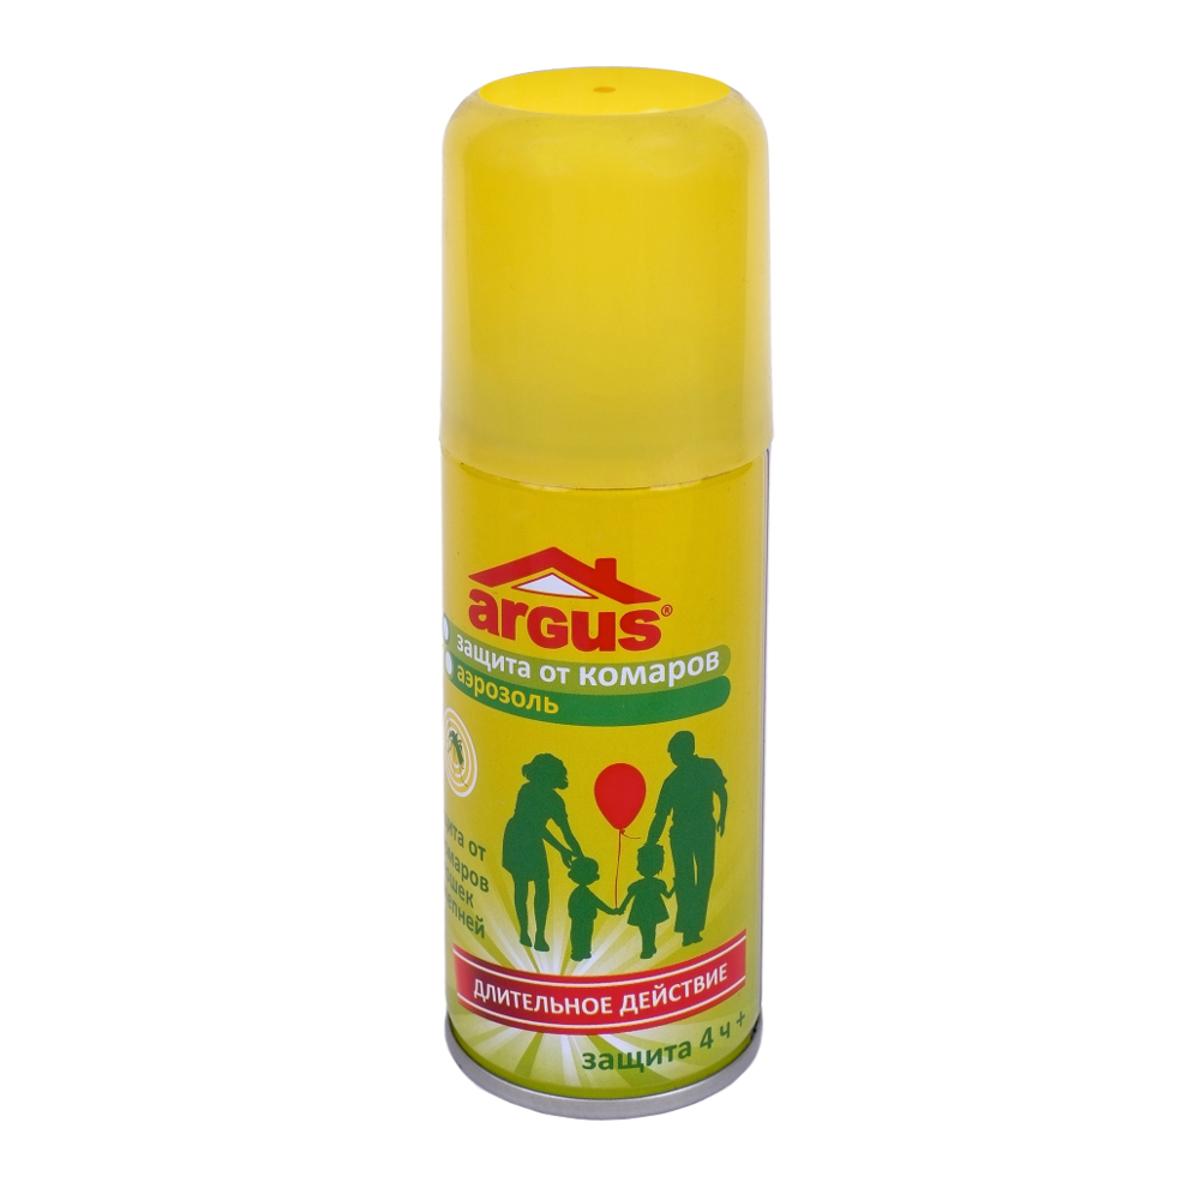 Аэрозоль против насекомых Argus, 100 мл787502Аэрозоль Argus предназначен для защиты людей от кровососущих насекомых (комаров, мошек, слепней, мокрецов, москитов, блох) при нанесении на открытые части тела и на одежду. Класс эффективности - высший. Время защитного действия при нанесении на кожу составляет более 4 часов даже при высокой численности насекомых, при нанесениии на одежду и изделия из ткани - до 20 суток.Состав: N,N-диэтилтолуамид 18%, пропиленгликоль, отдушка, углеводородный пропеллент, спирт изопропиловый. Не содержит озоноразрушающих хладонов.